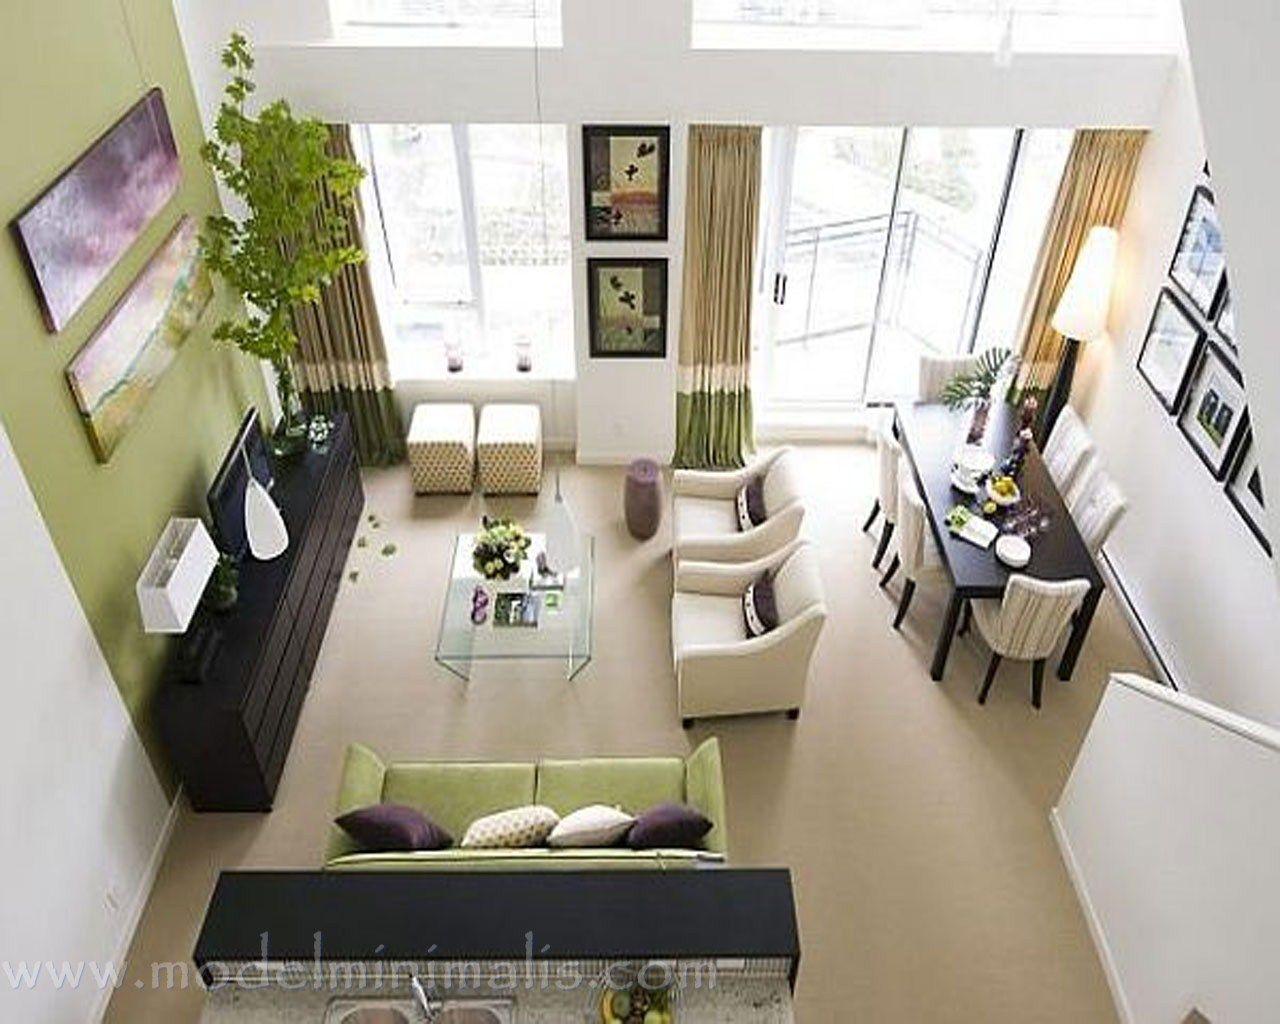 Interior Design For Small Living Room Awesome Tips Desain Ruang Tamu Sempit Minimalis Agar Terlihat Luas